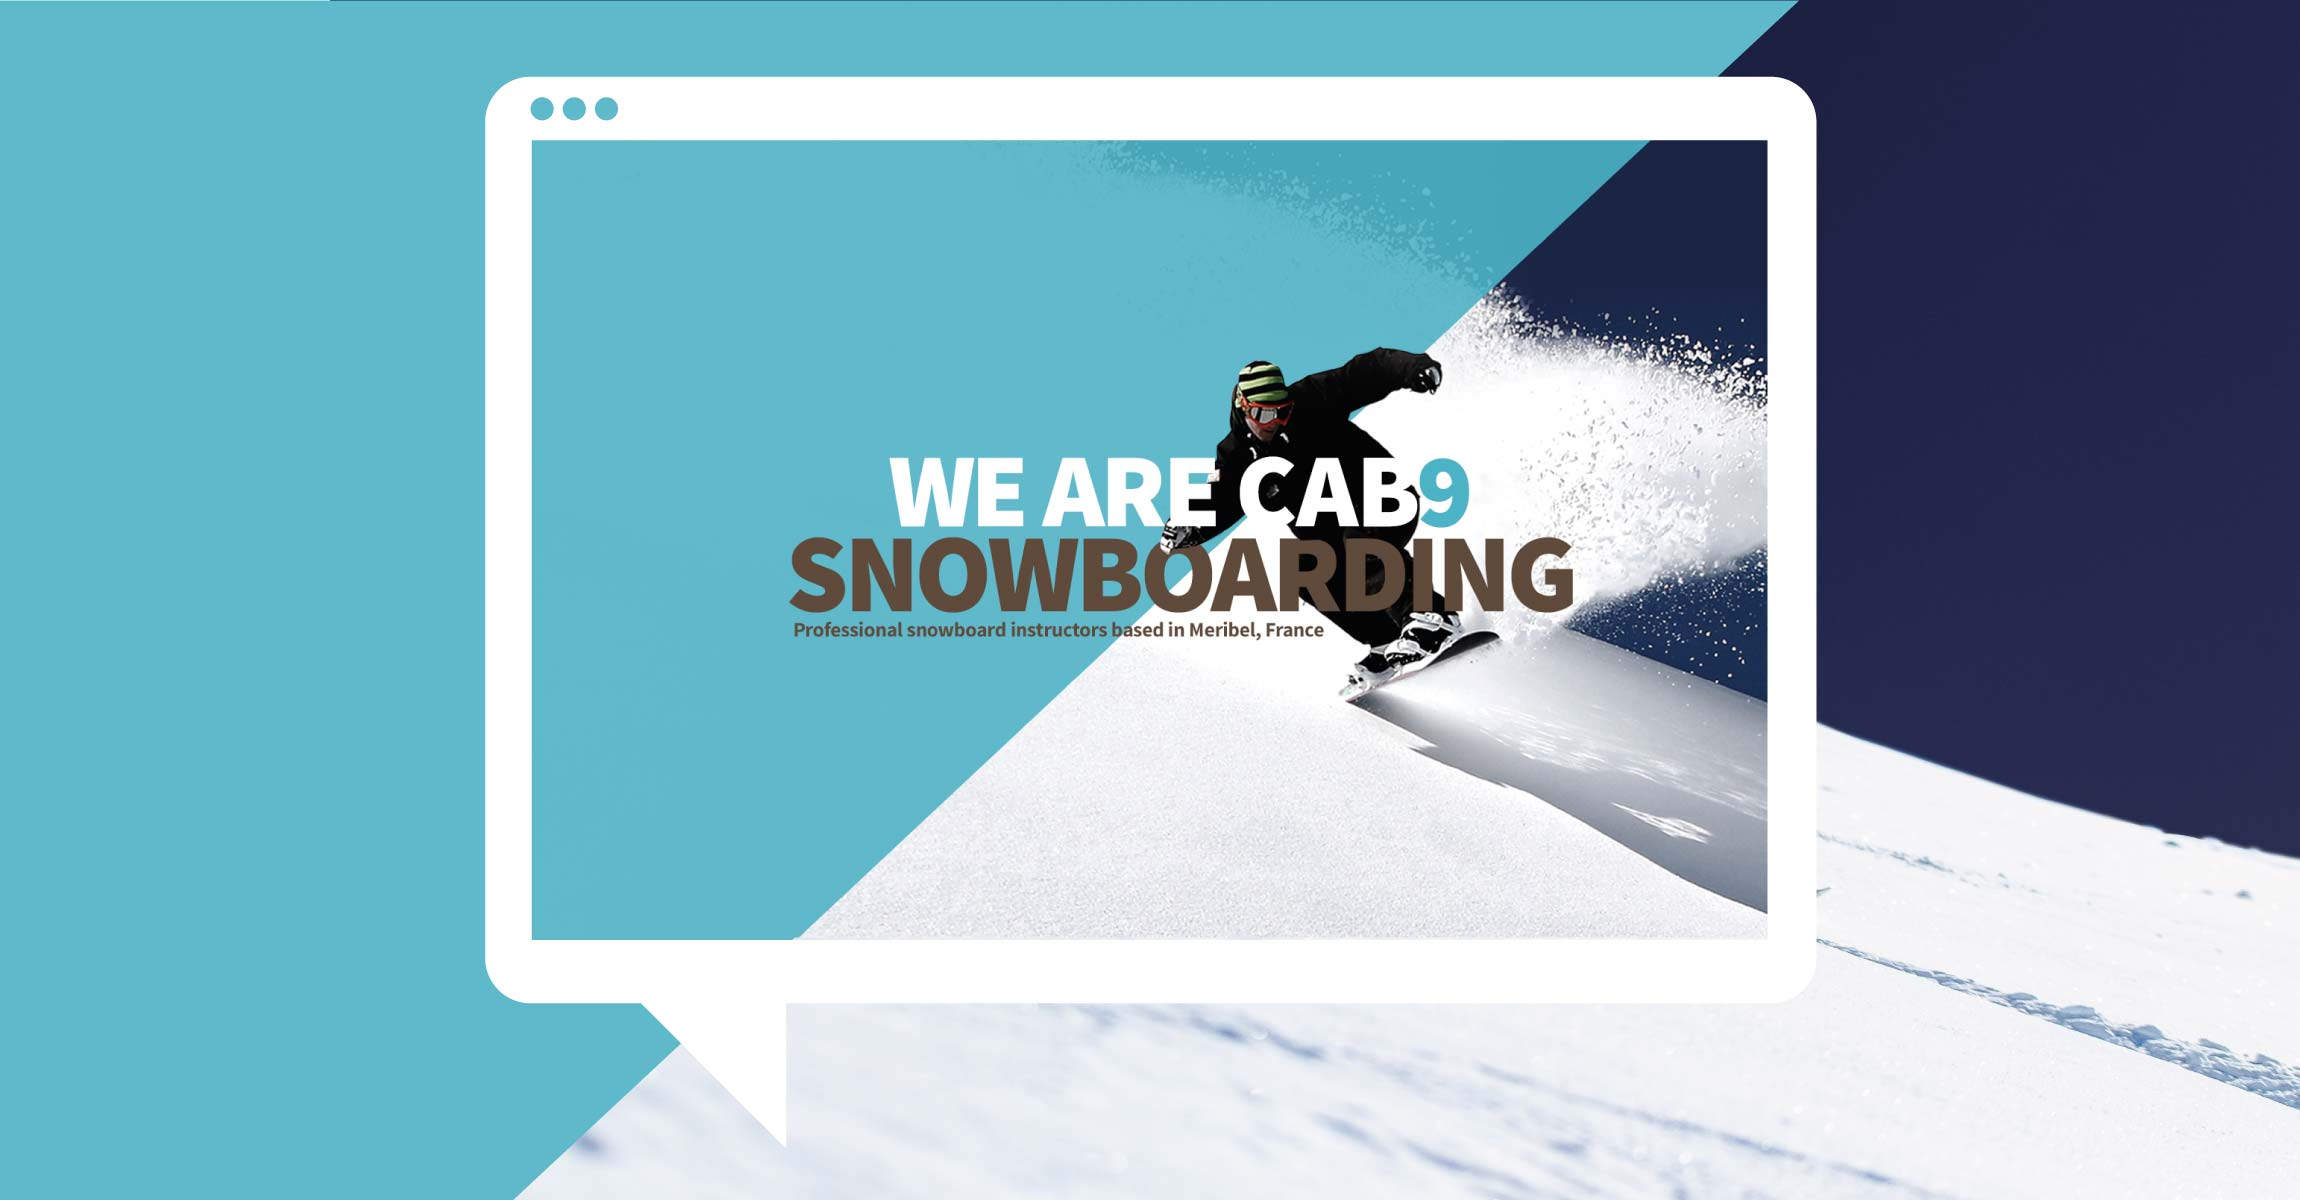 Snowboarder travel website image framed in tablet